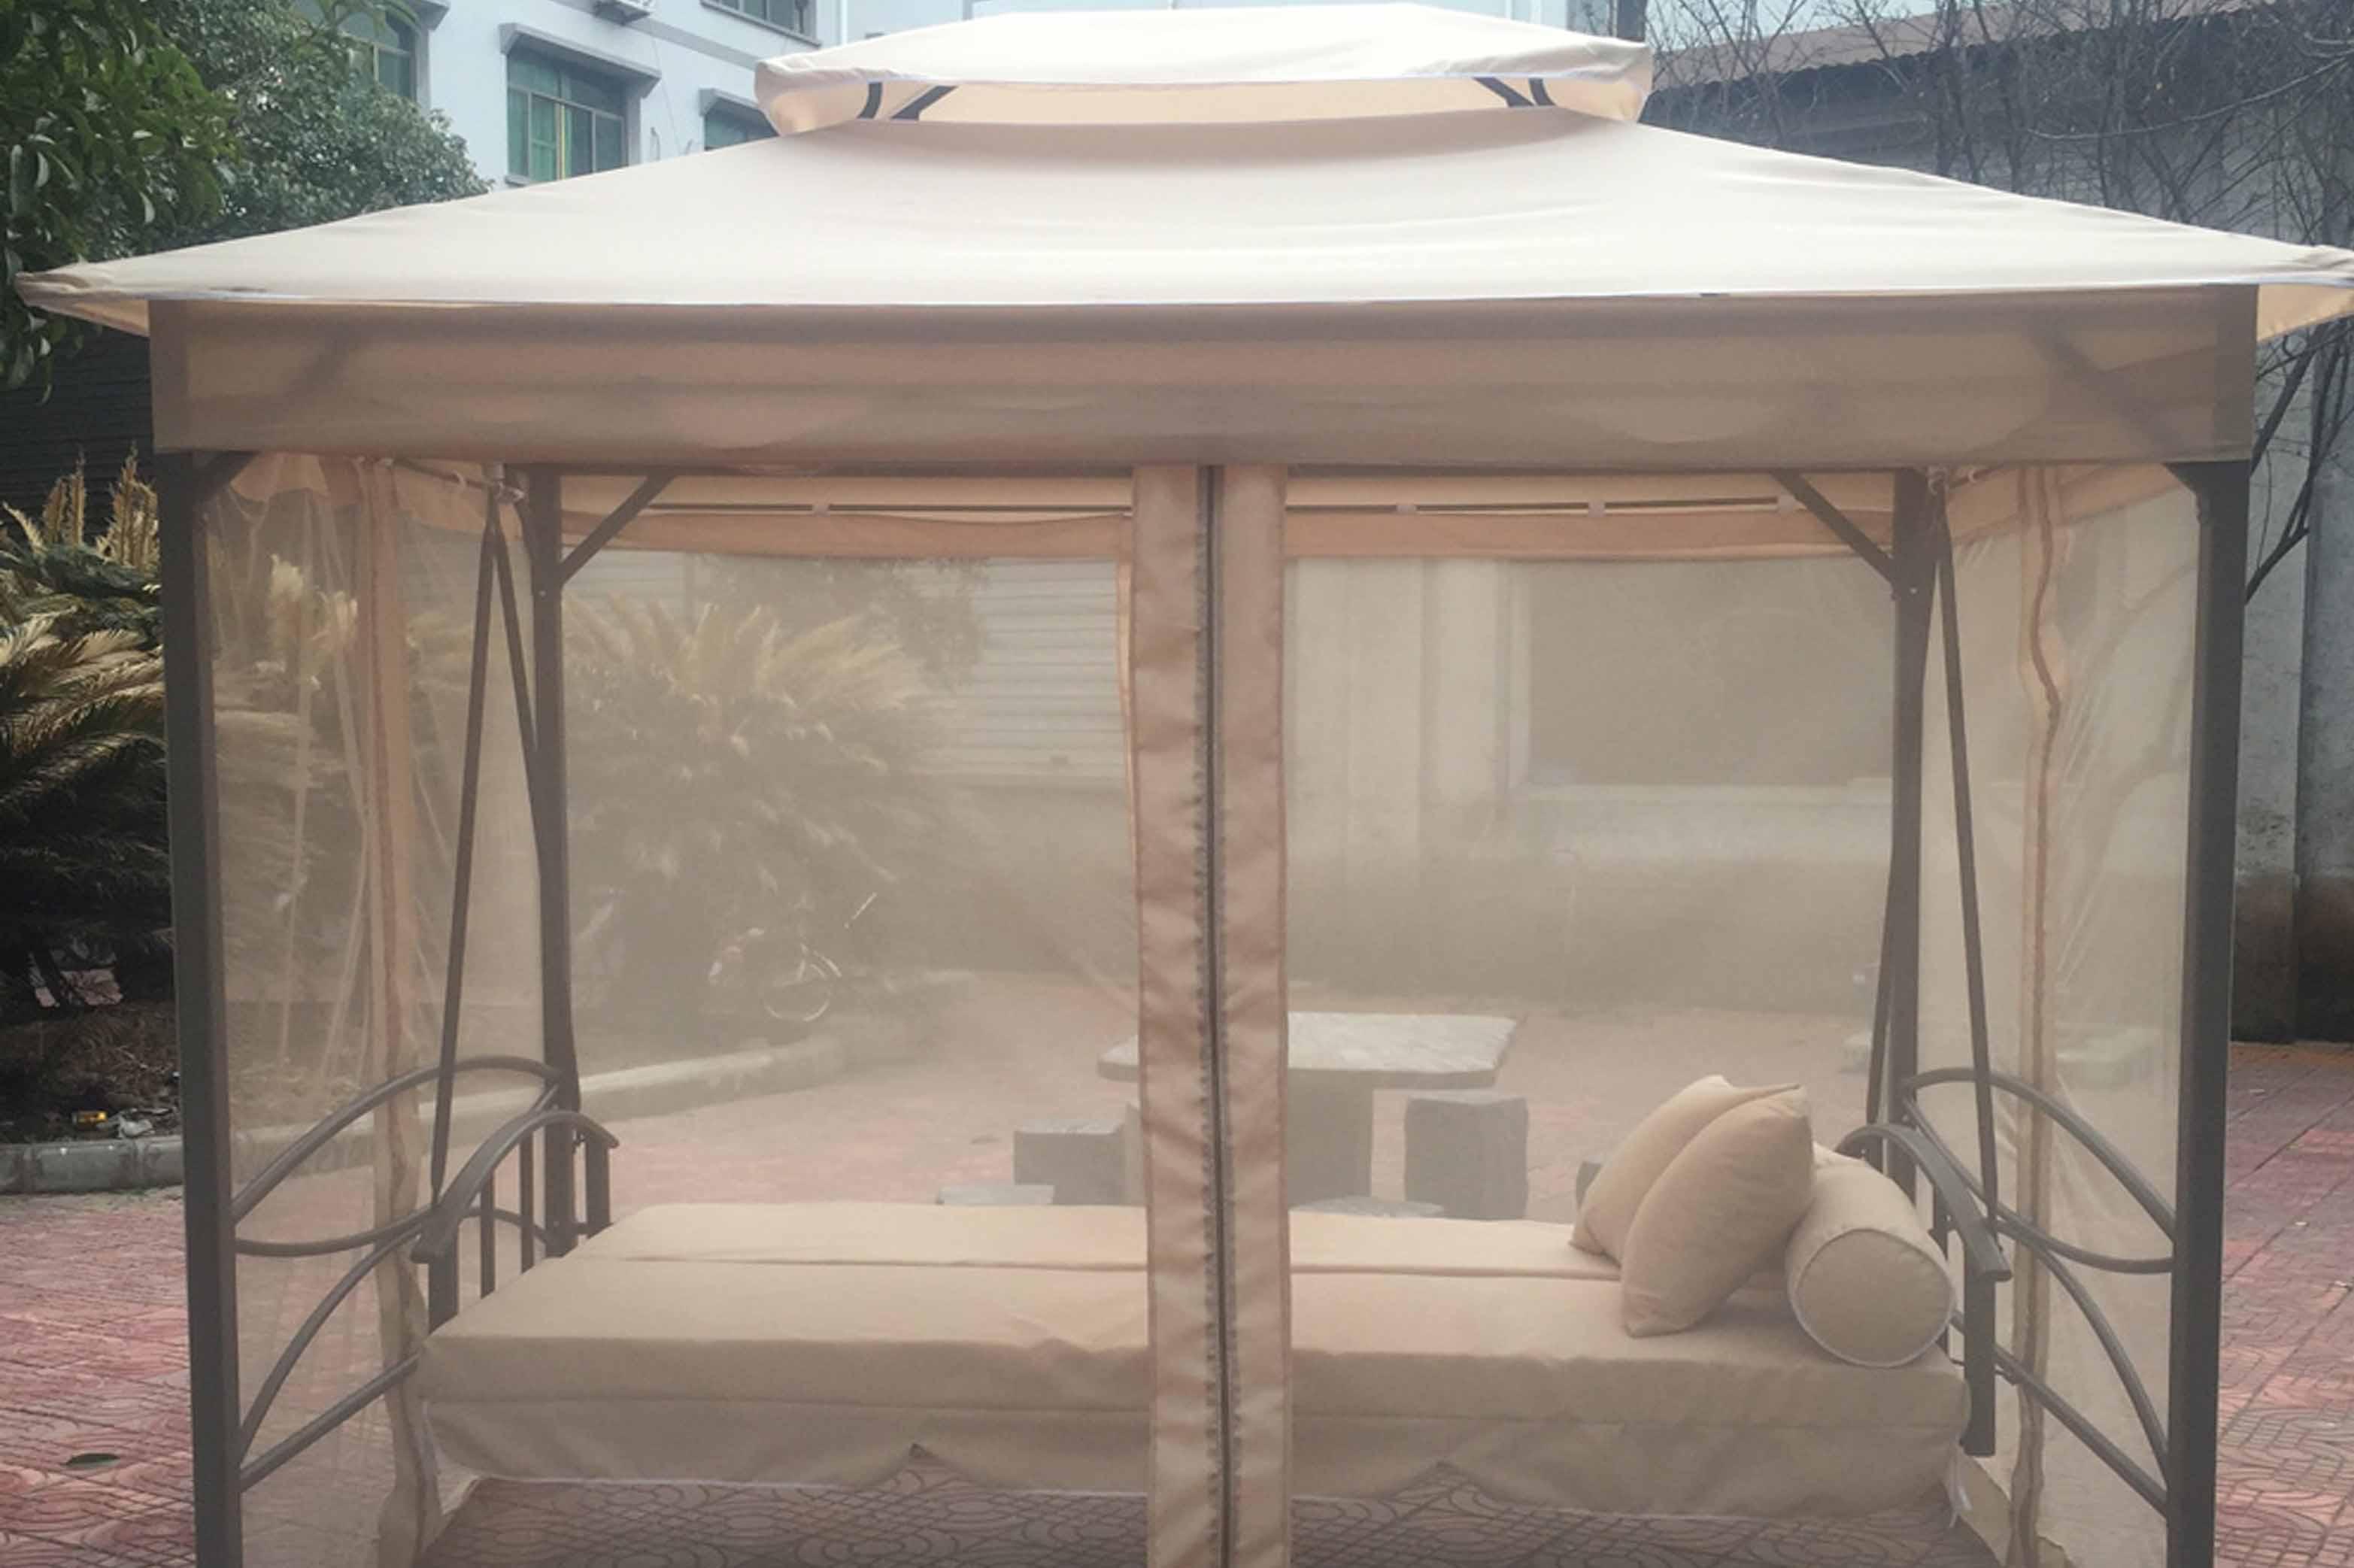 Літні мад +бокові штори тканинні ок2